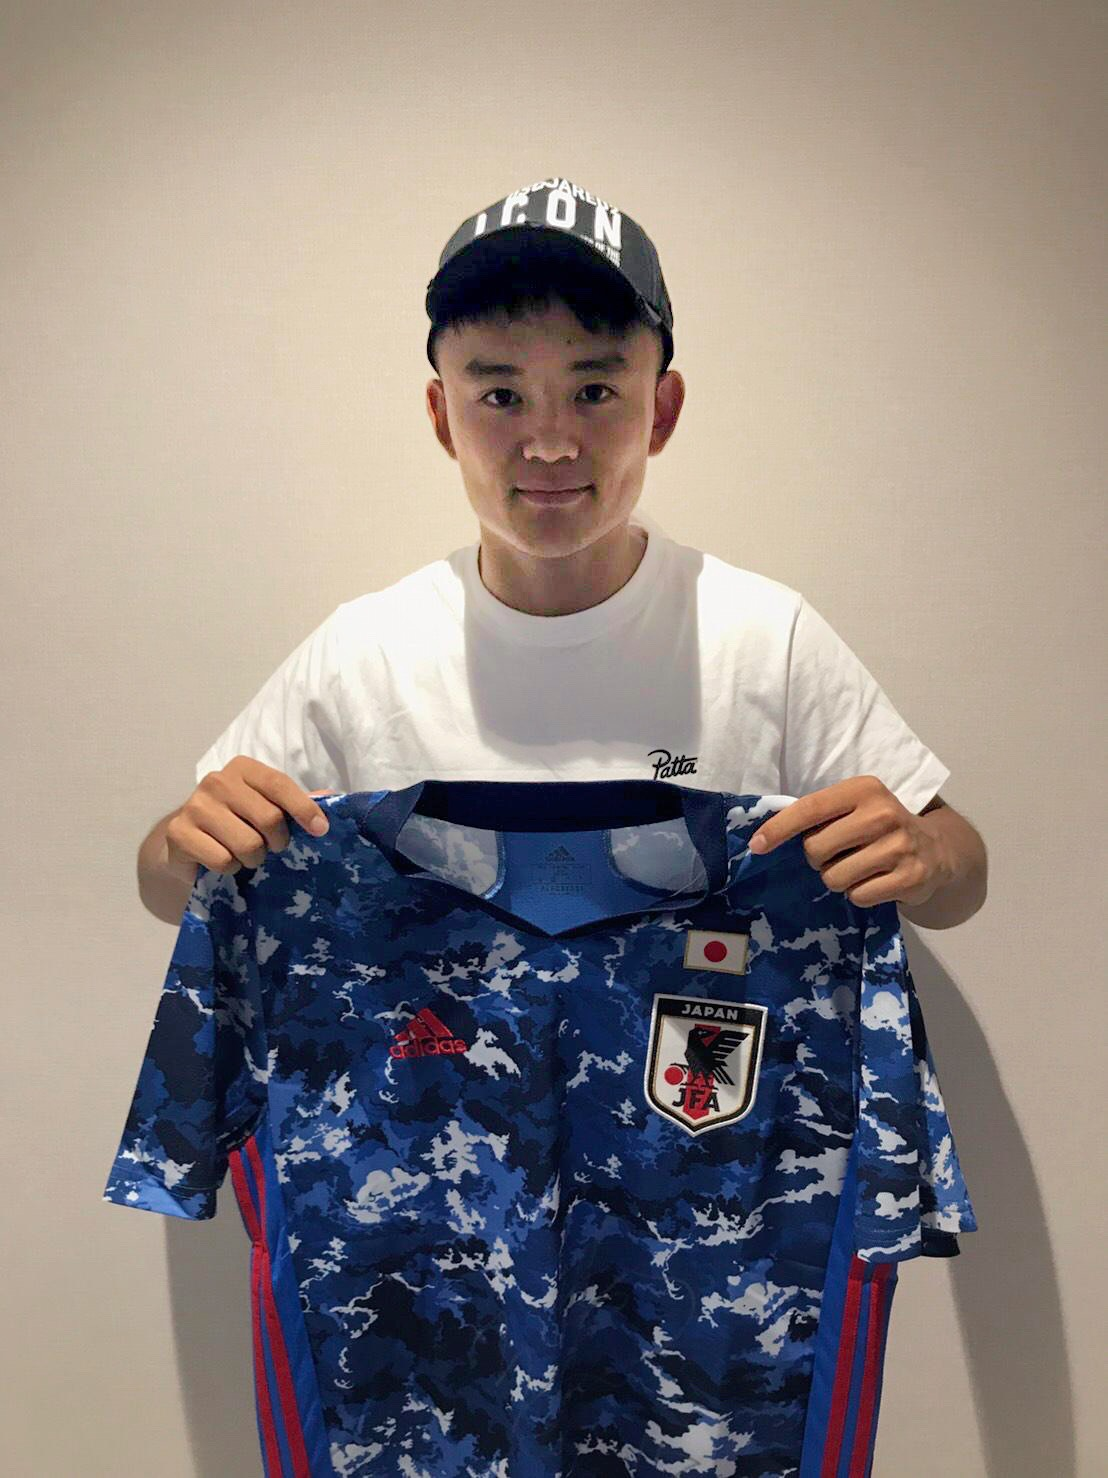 【直筆サイン入り公式】U-23日本代表 久保 建英 選手(ビジャレアルCF)